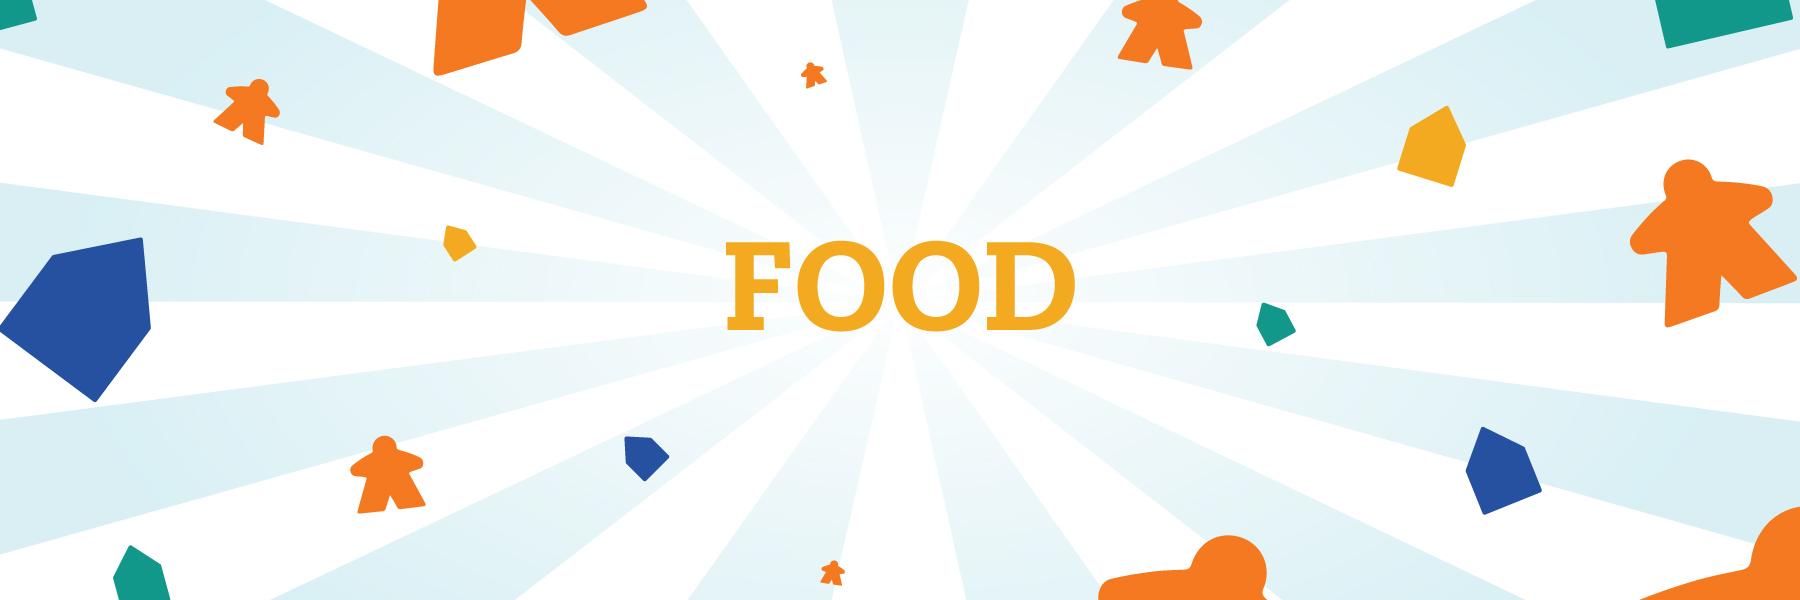 a-game-food.jpg